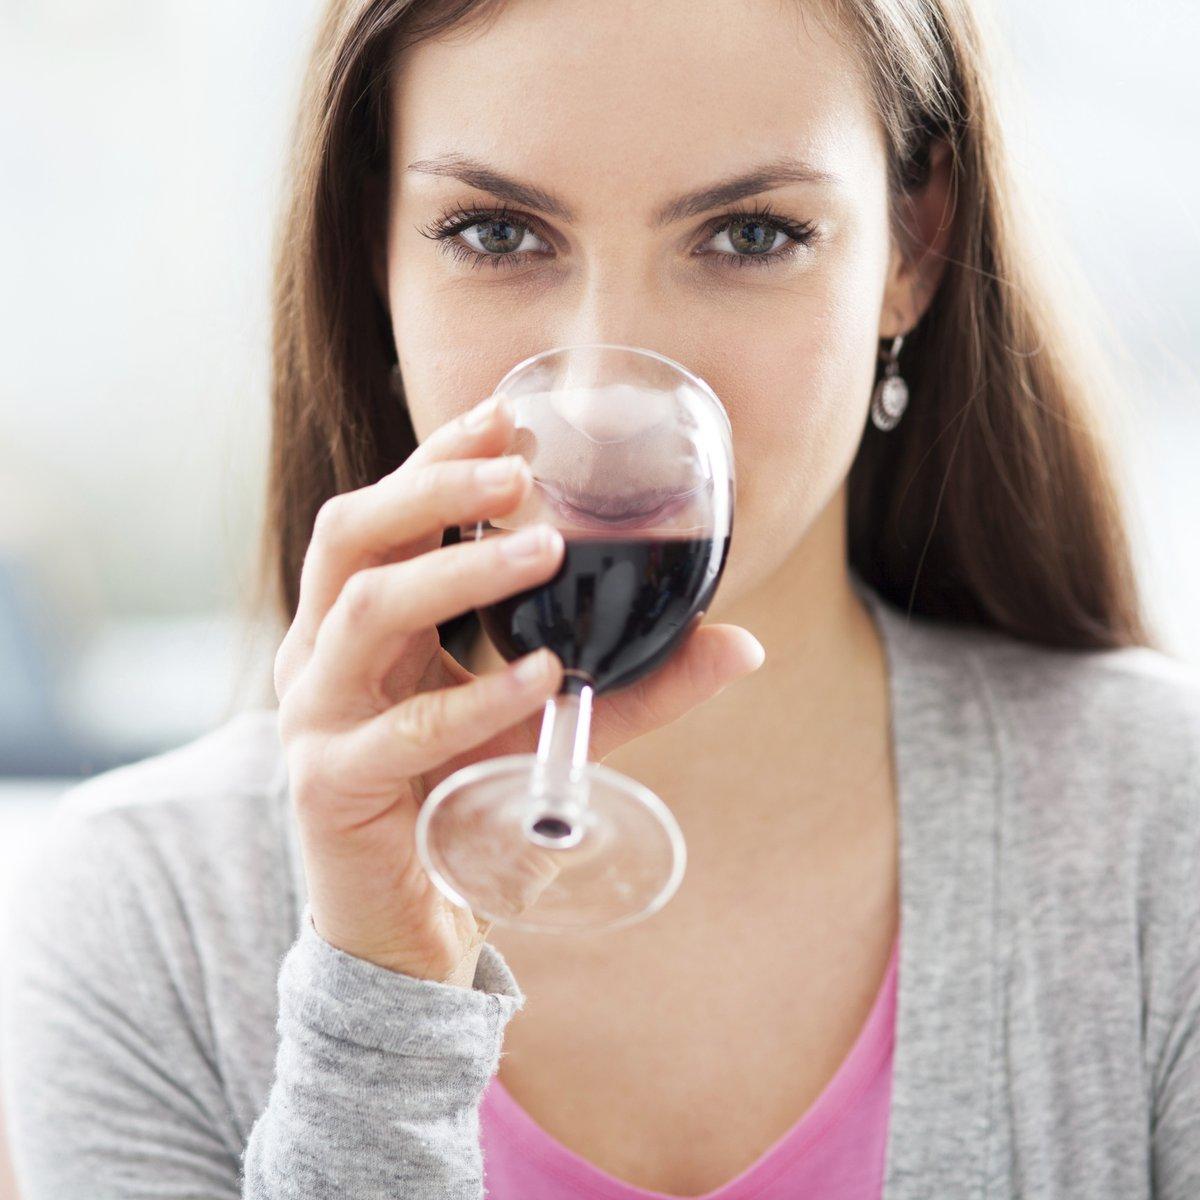 Beber muito nos nervos por danos